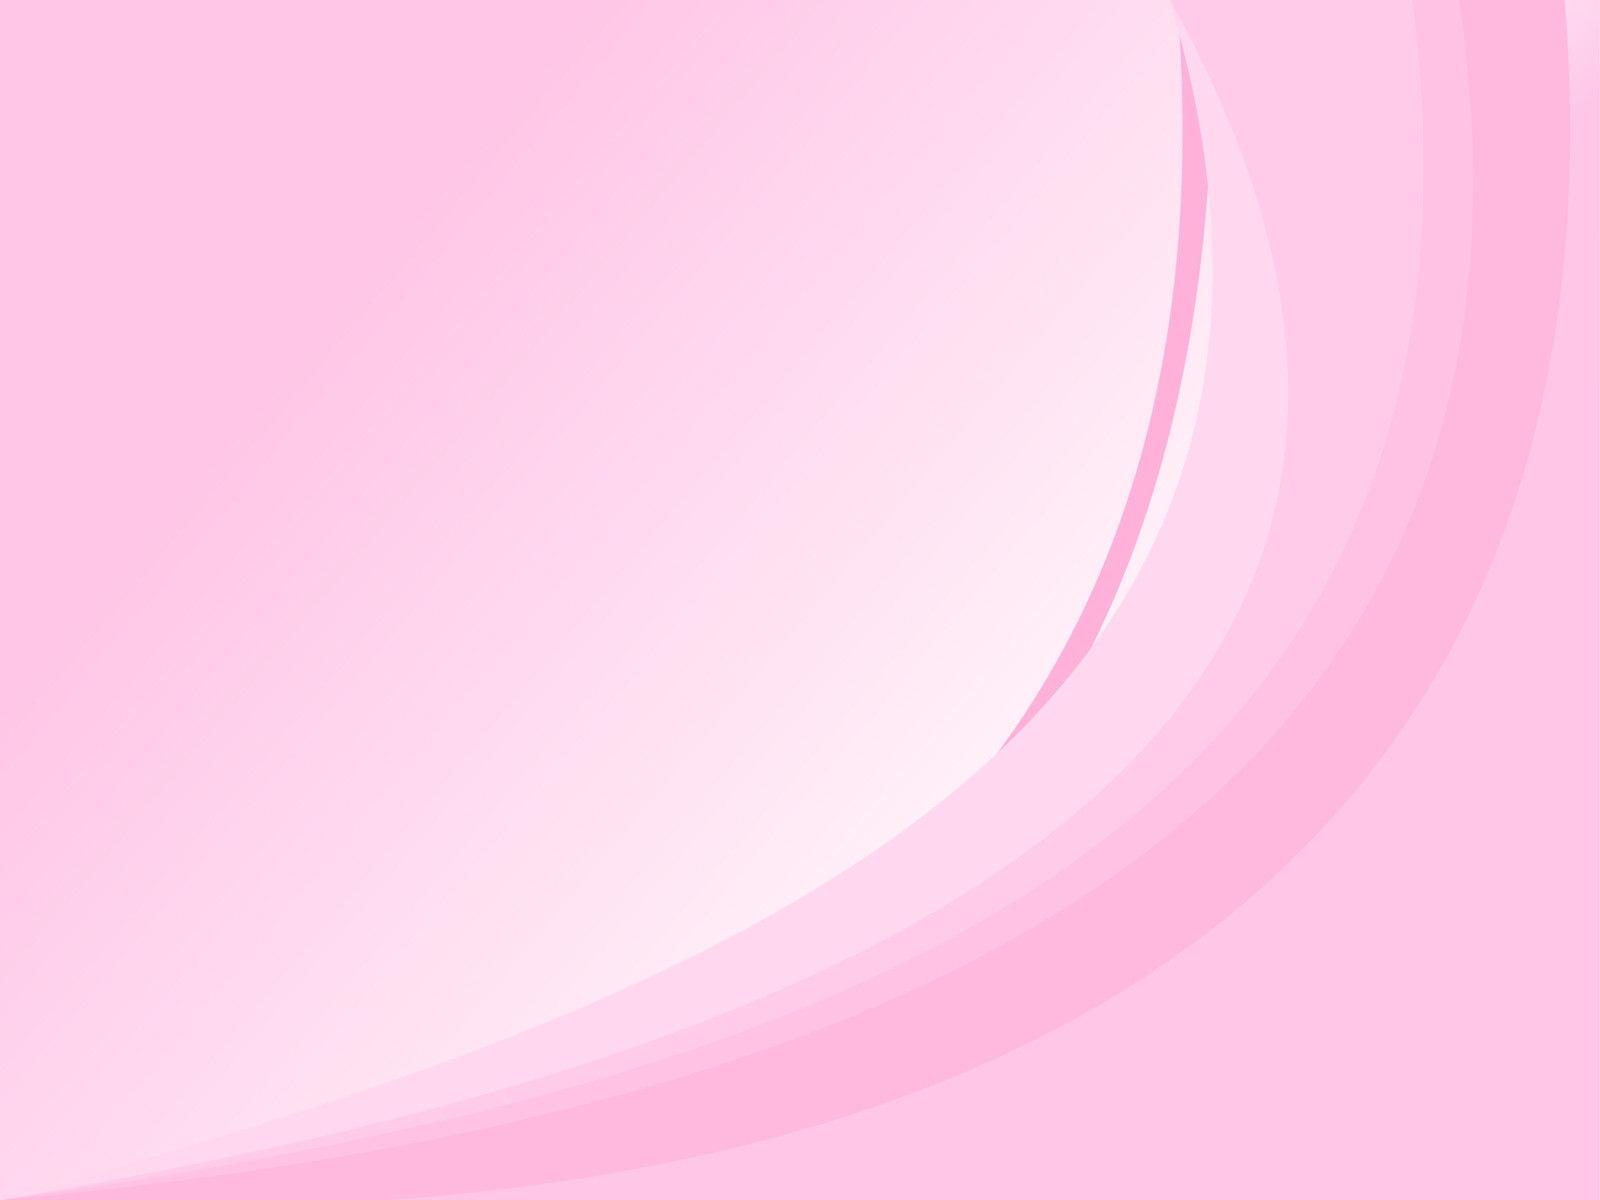 Hình nền PowerPoint màu hồng dễ thương